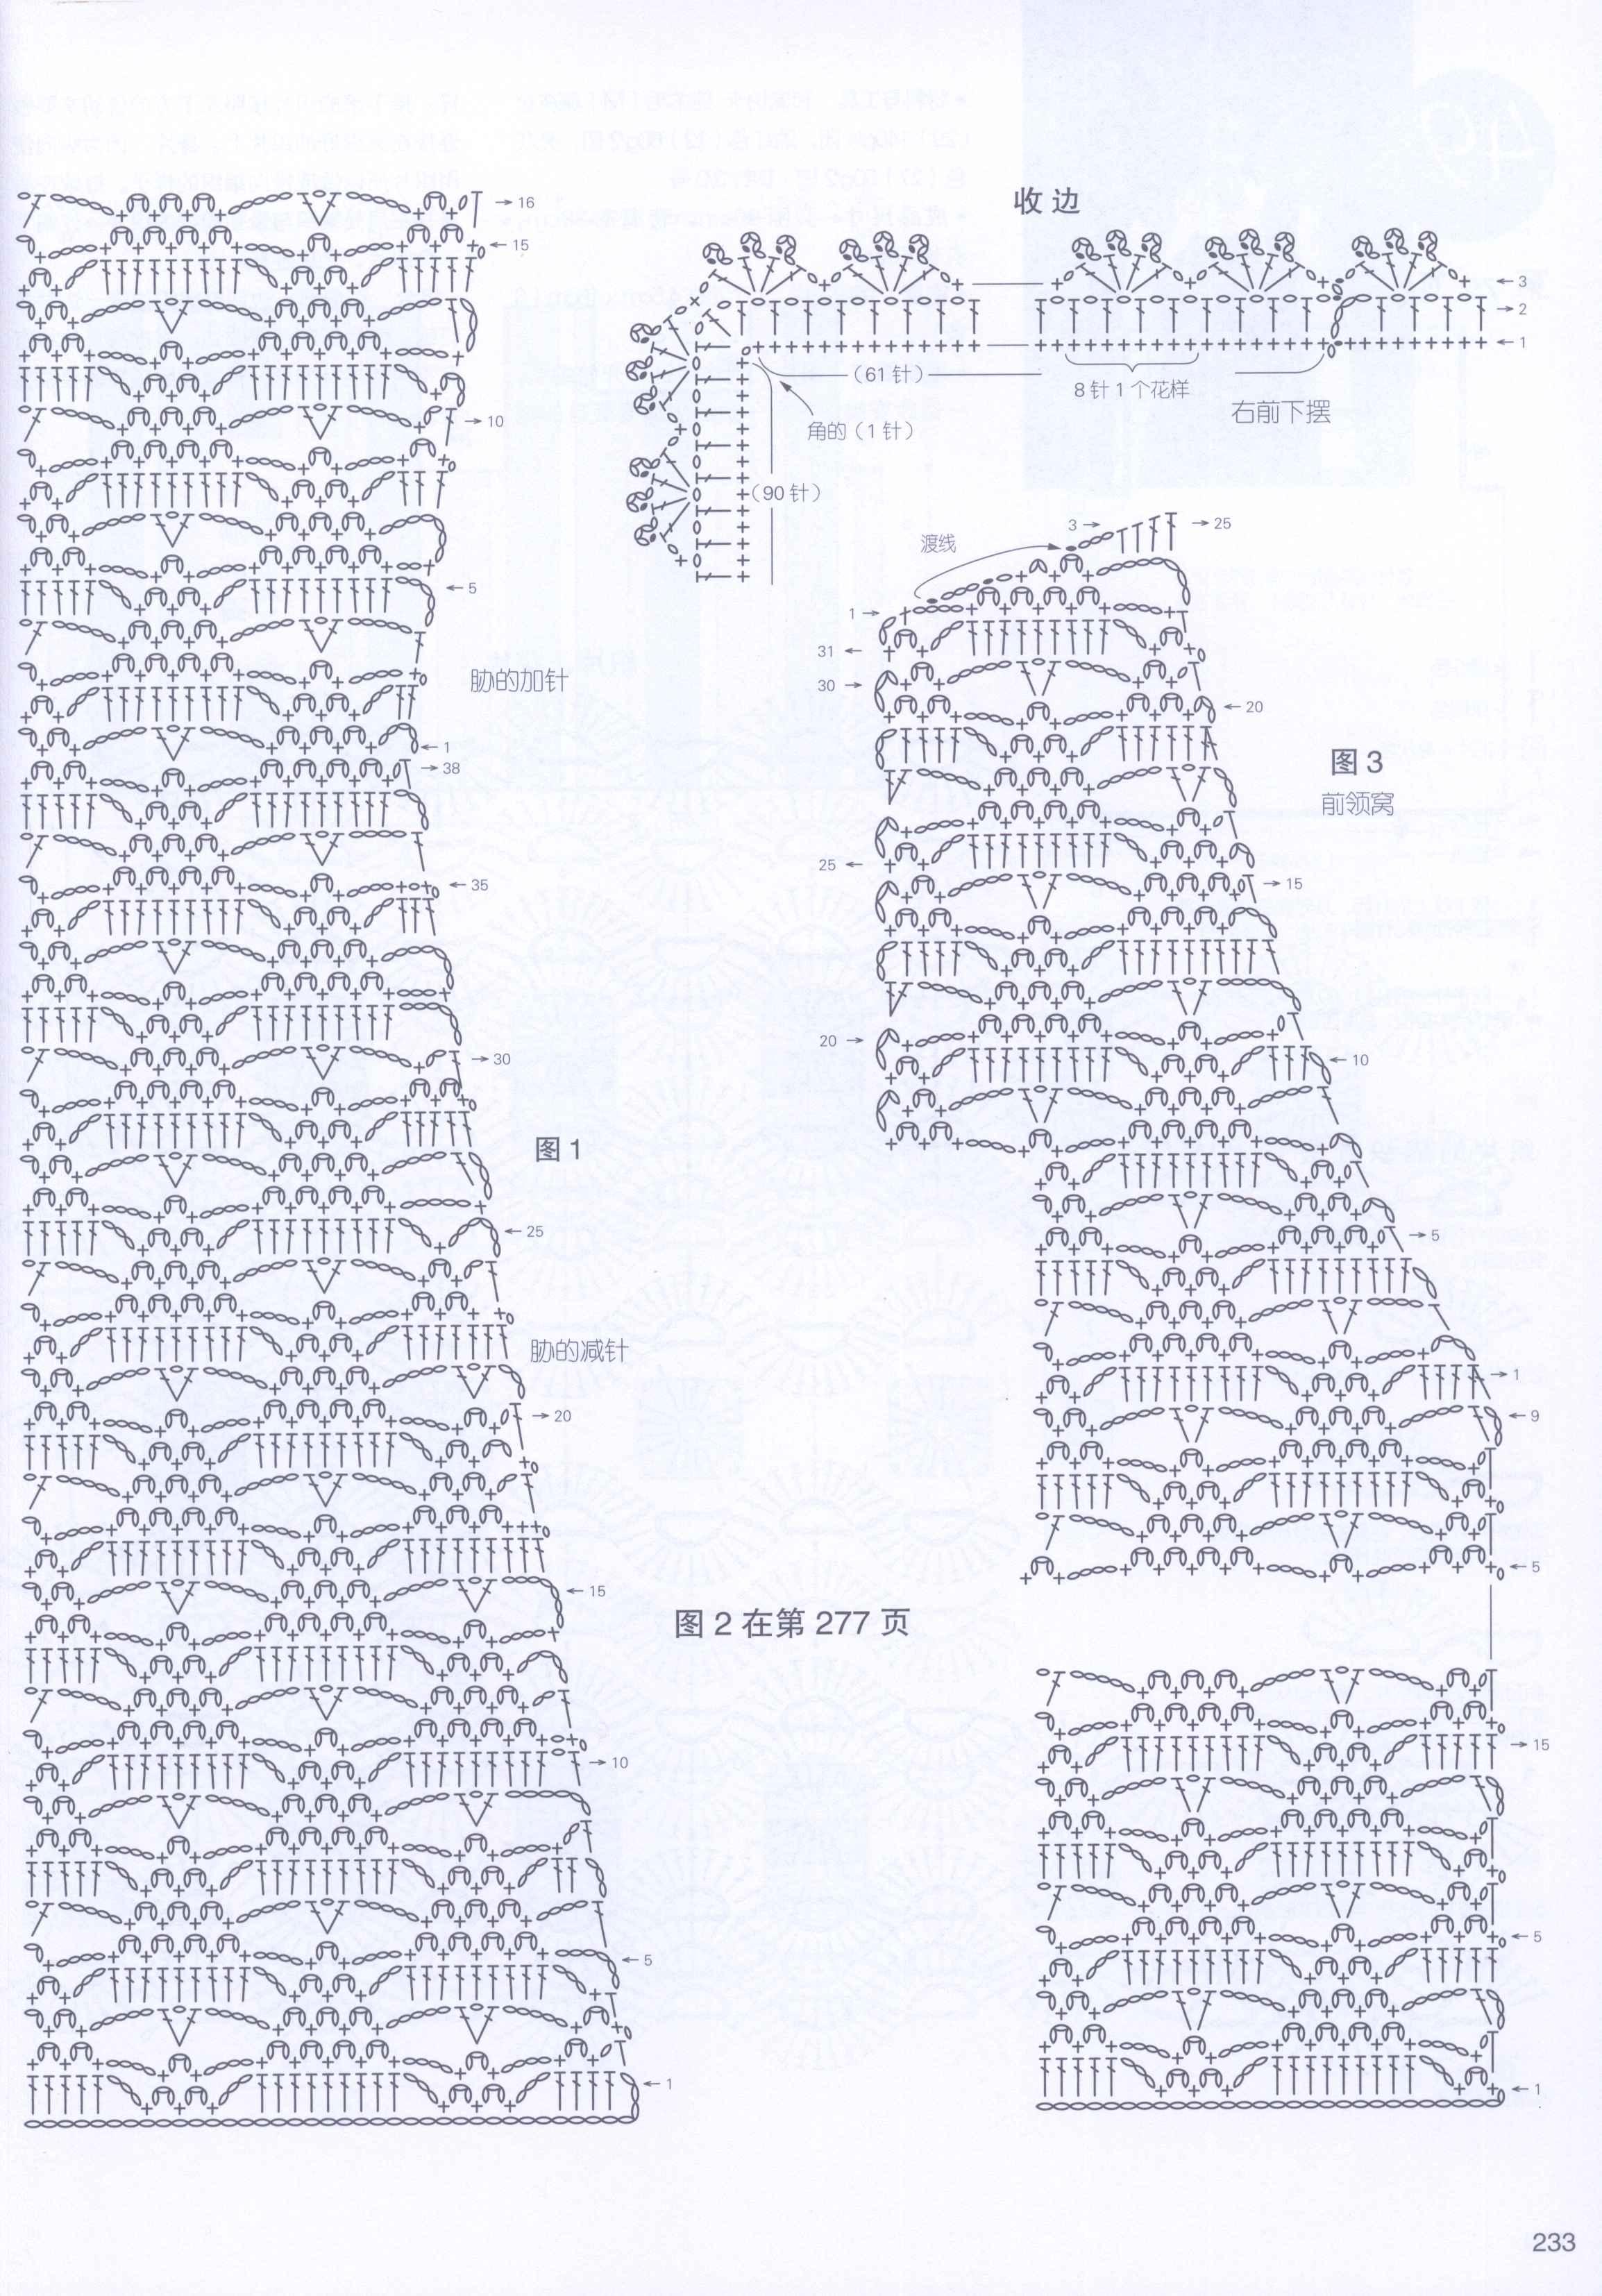 E6dzvg6x o